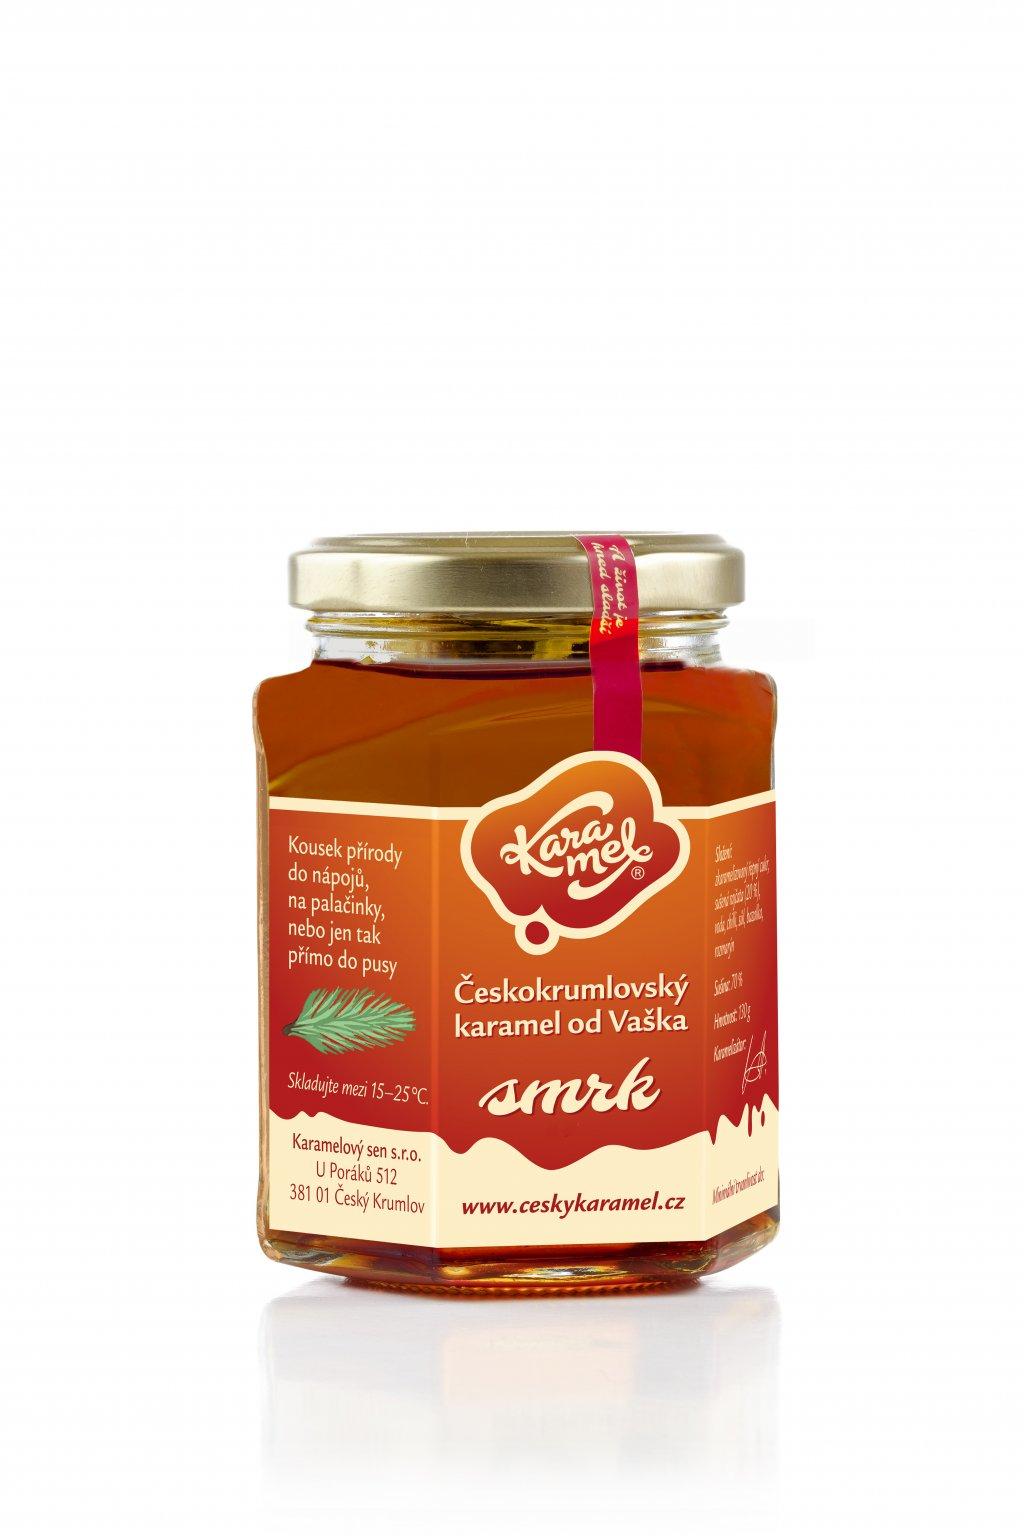 tekutý českokrumlovský karamel od vaška smrk